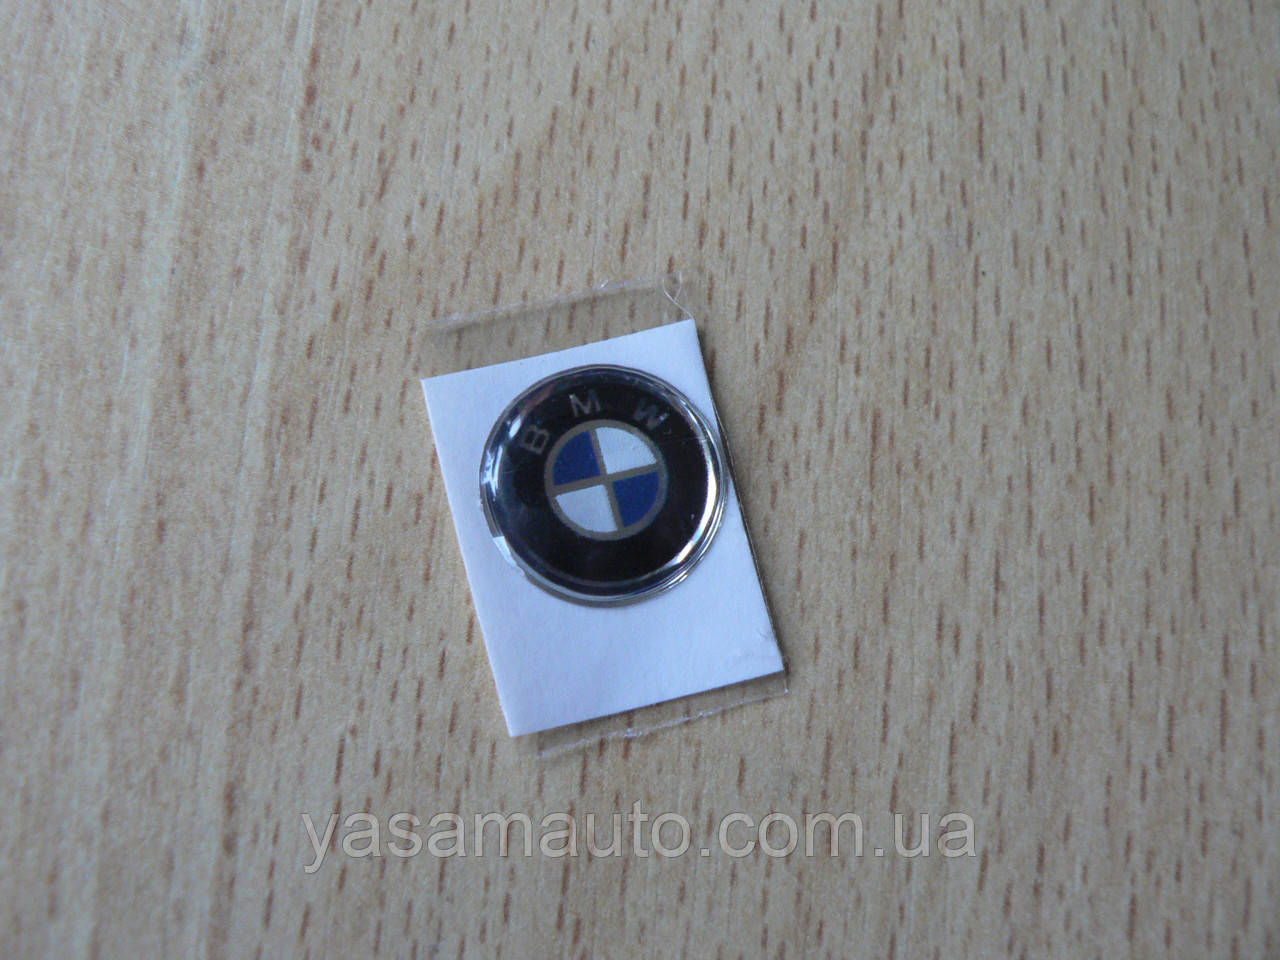 Наклейка s круглая BMW 15х15х1.3мм стандарт силиконовая эмблема в круге на авто ключи сигнализацию БМВ